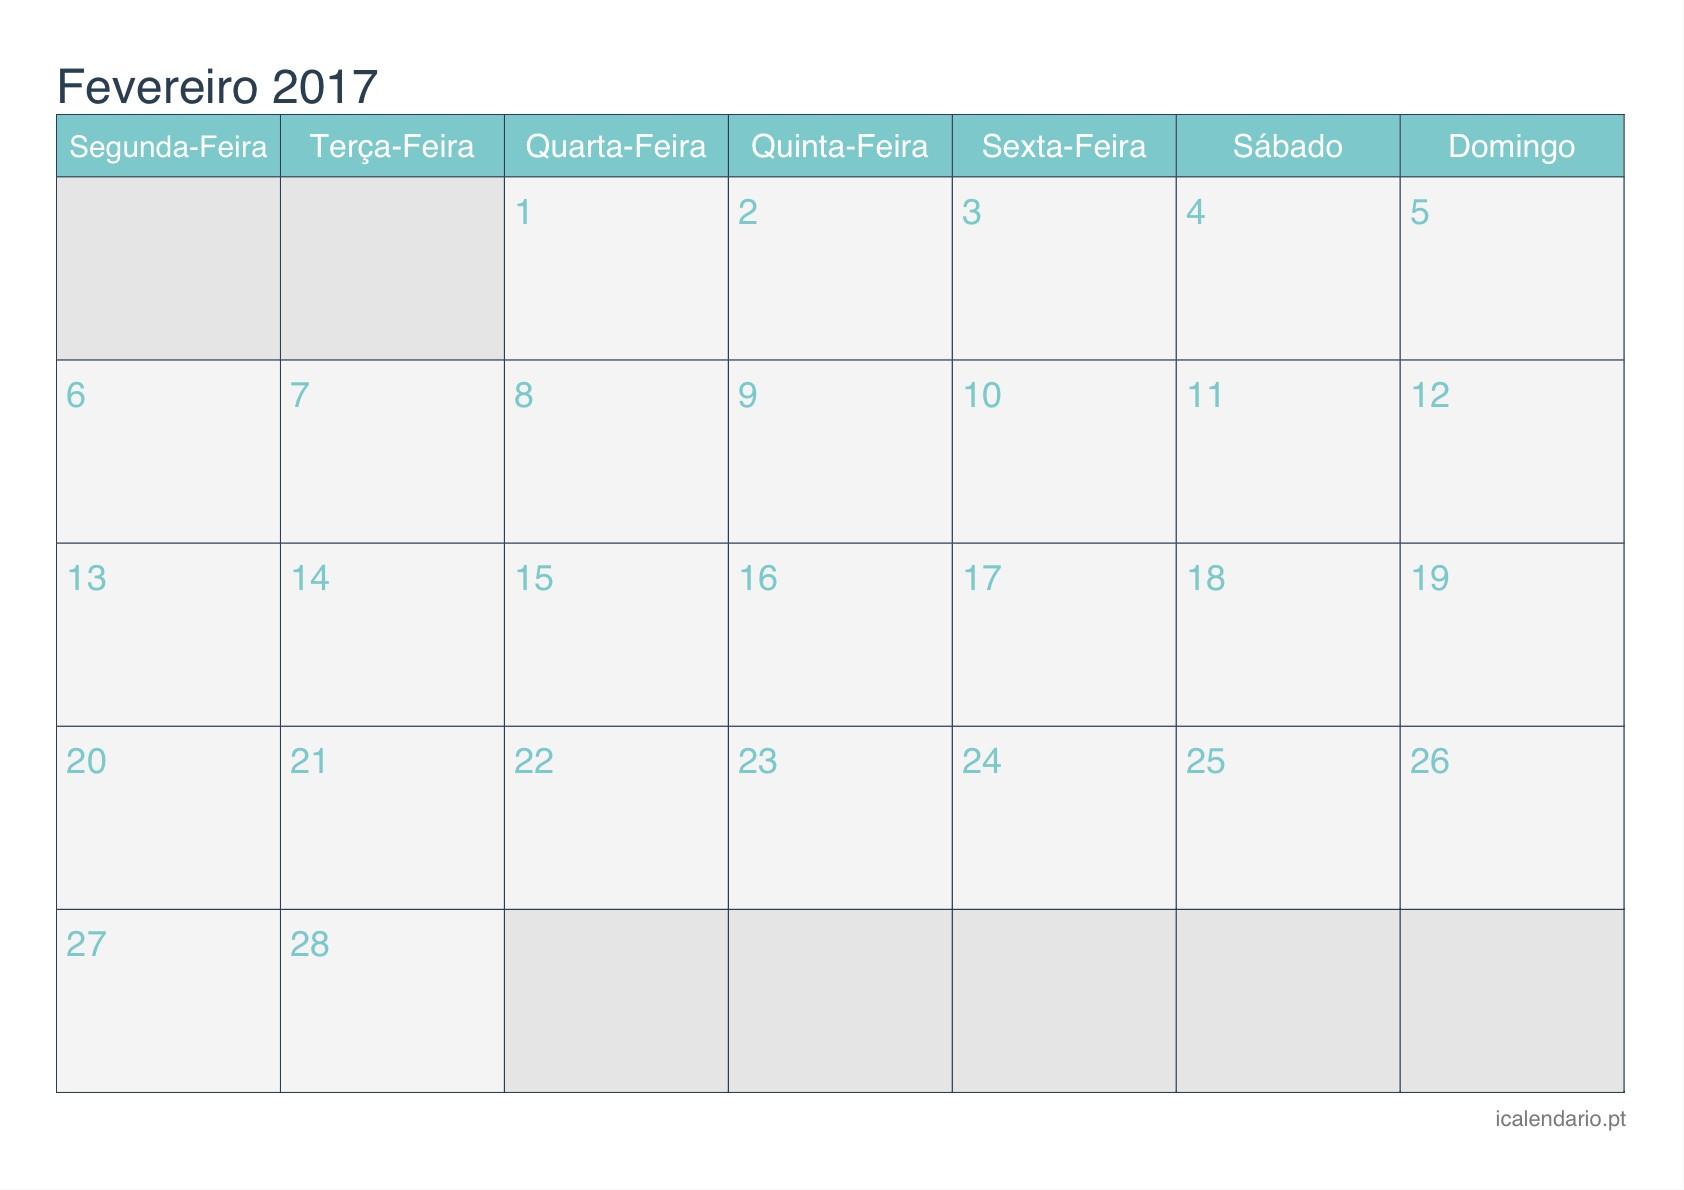 Calendário 2019 Com Feriados Nacionais Portugueses Para Imprimir Más Recientes Tati Calendario Fevereiro 2018 Calendrio Fevereiro 2018 54ds